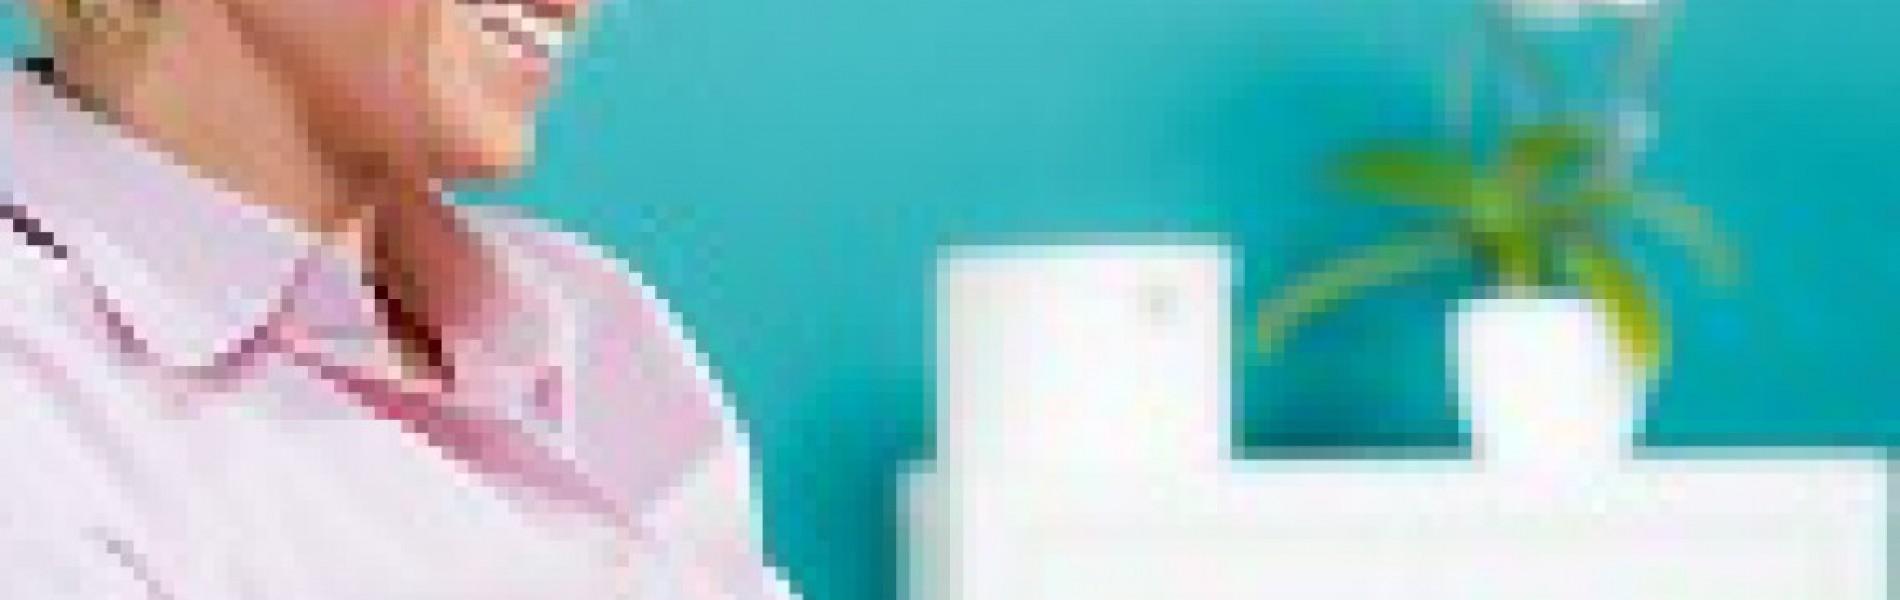 Votre ordinateur : ennemi ou allié